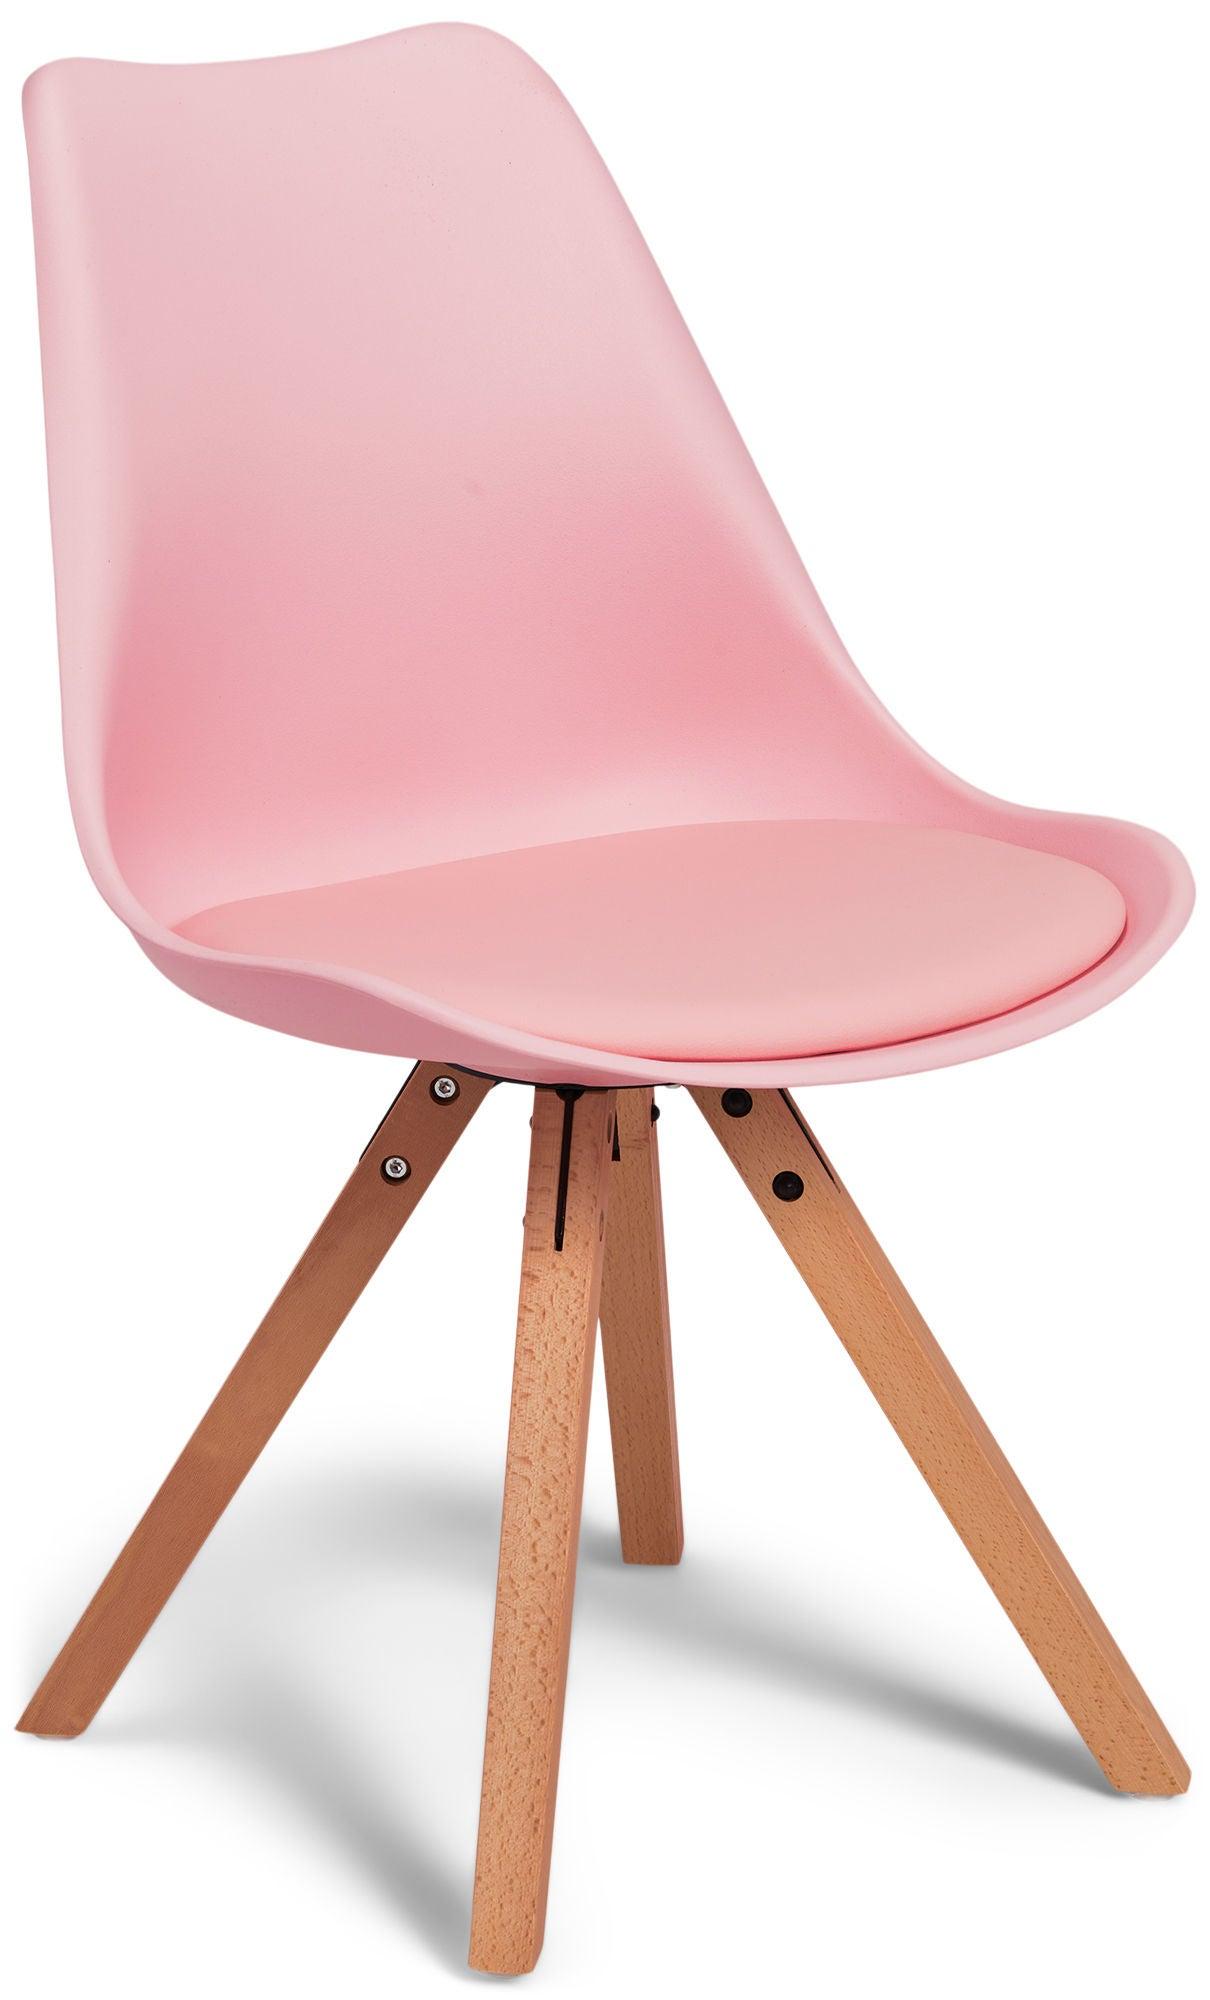 Alice & Fox Kirjoituspöydän Tuoli, Puu, Soft Pink